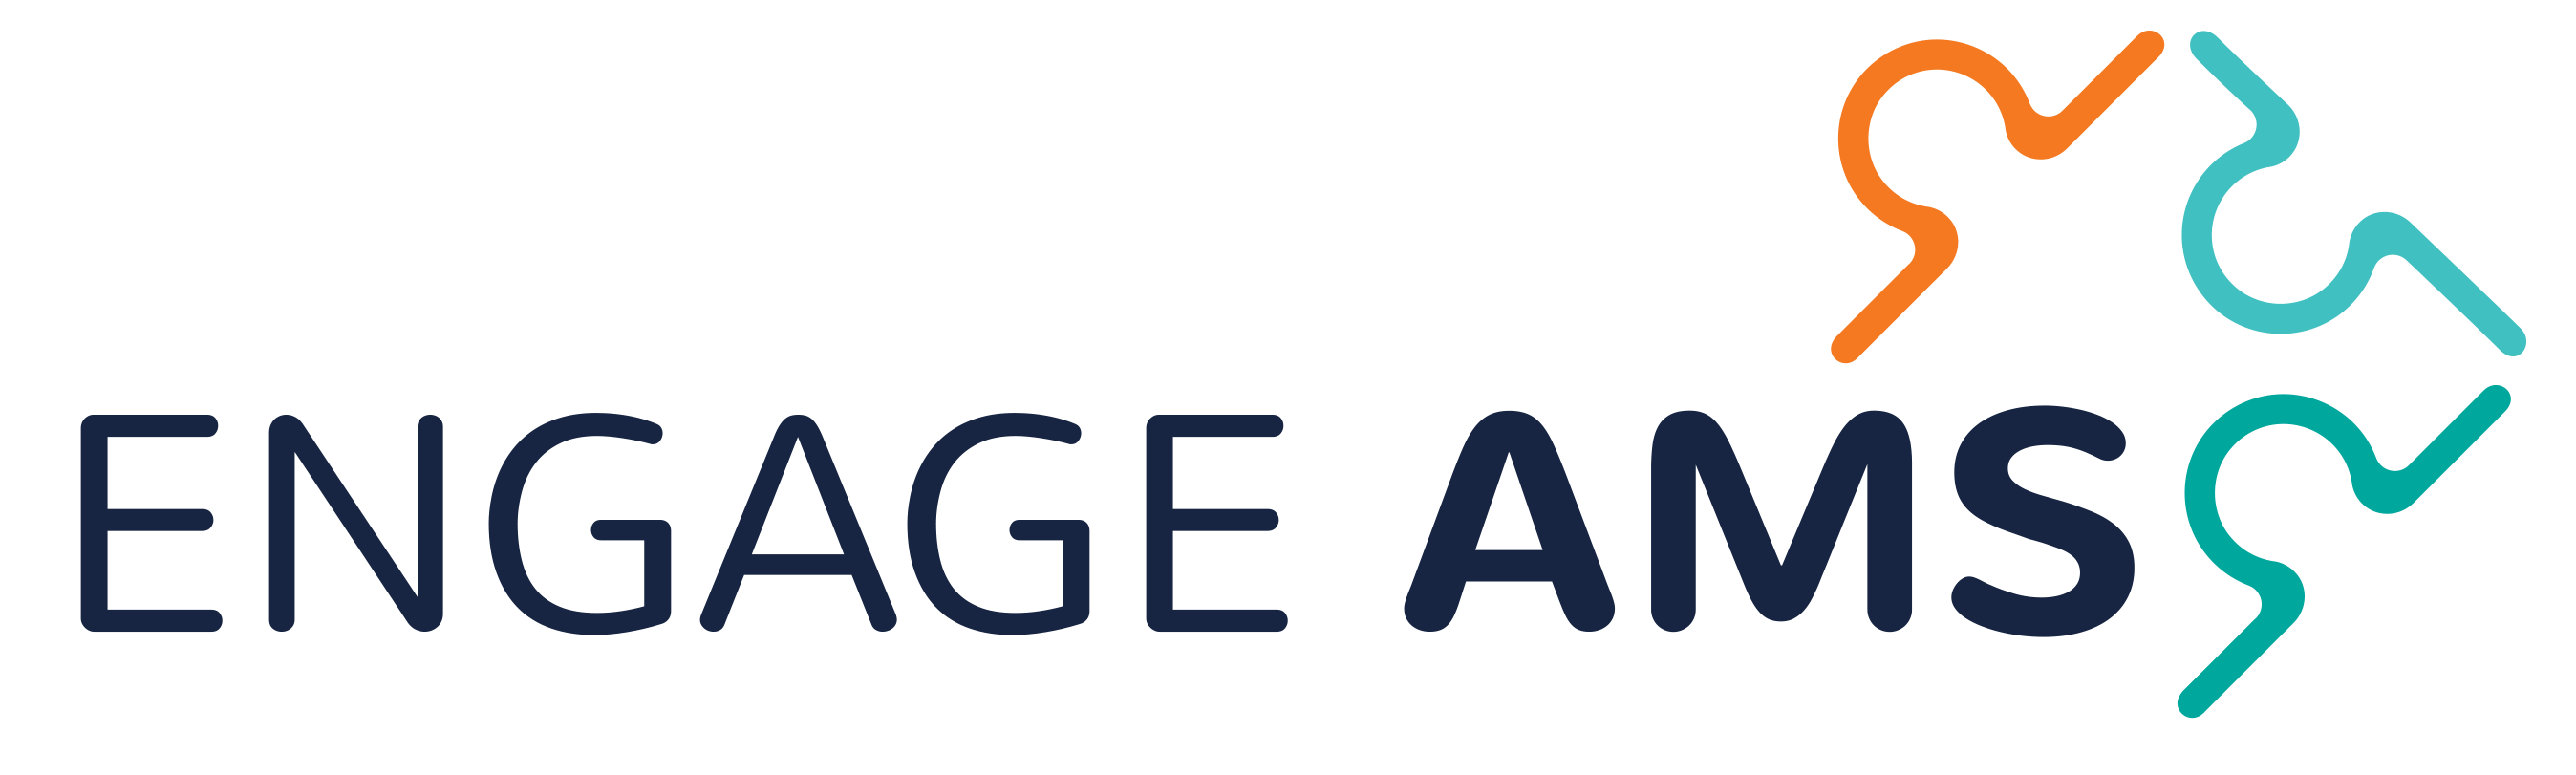 Engage AMS logo